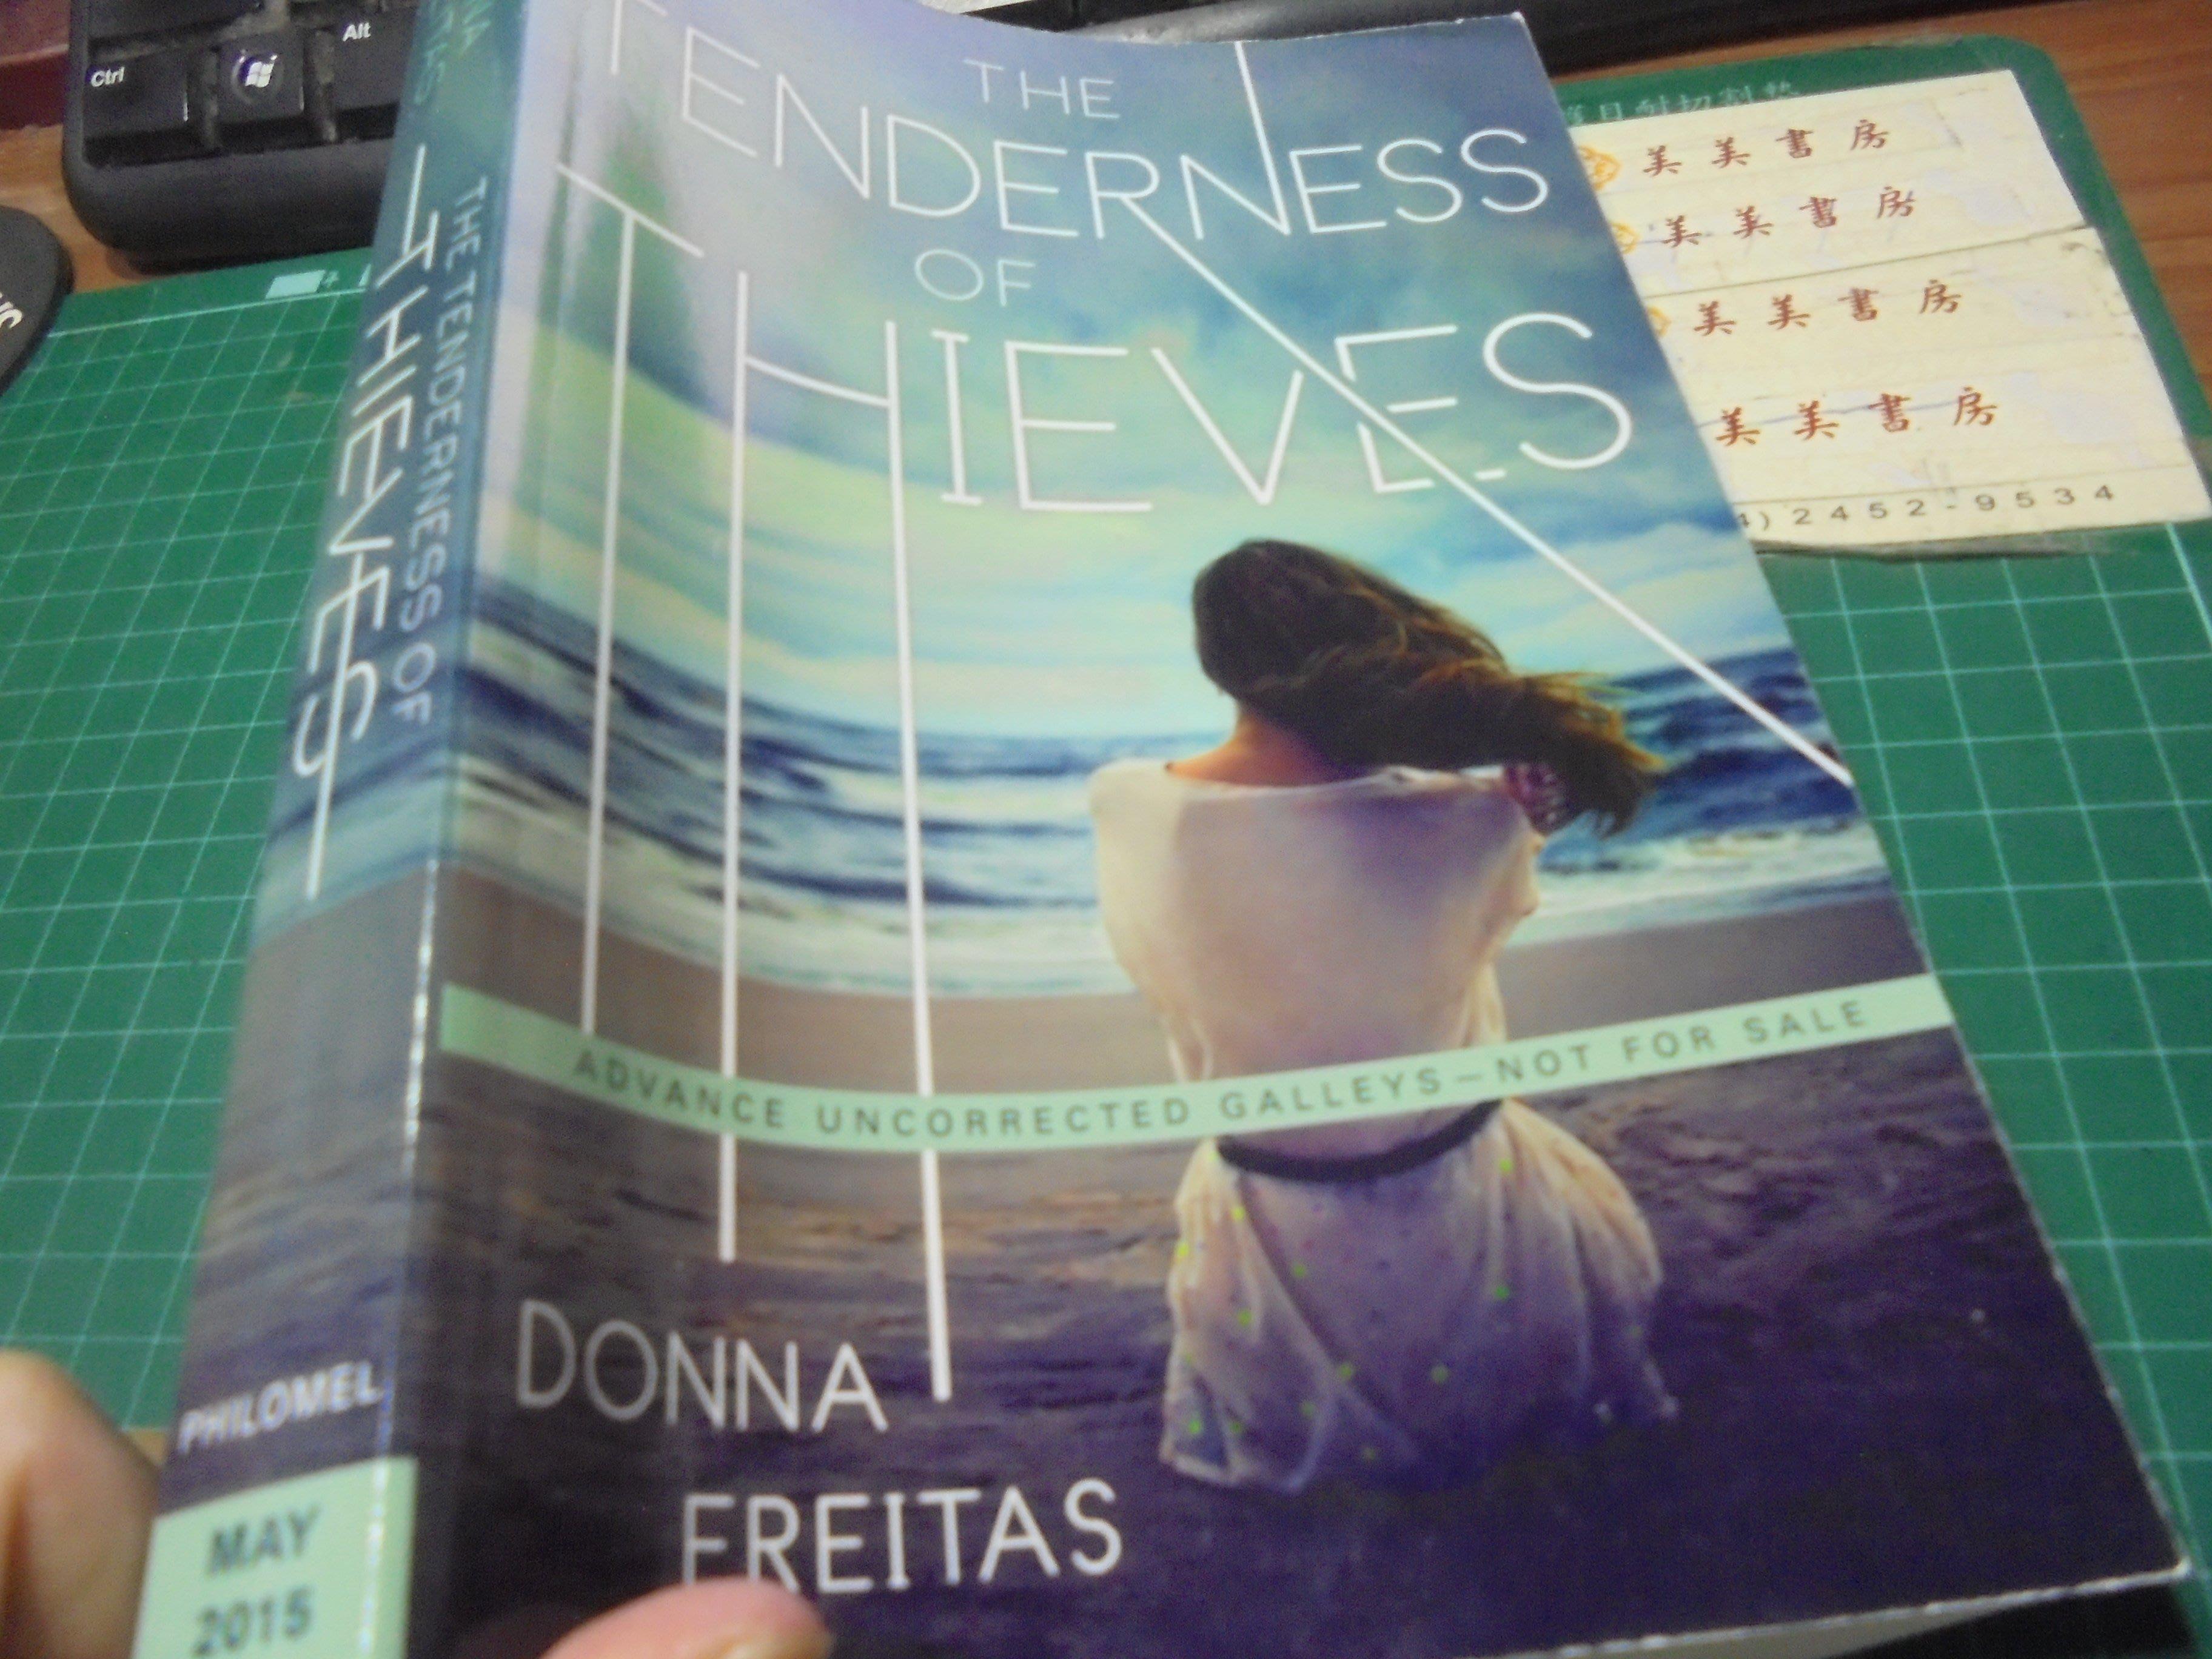 The Tenderness of Thieves 英文平裝讀本青少年閱讀羅曼史小說2015年版位26-10美美書房